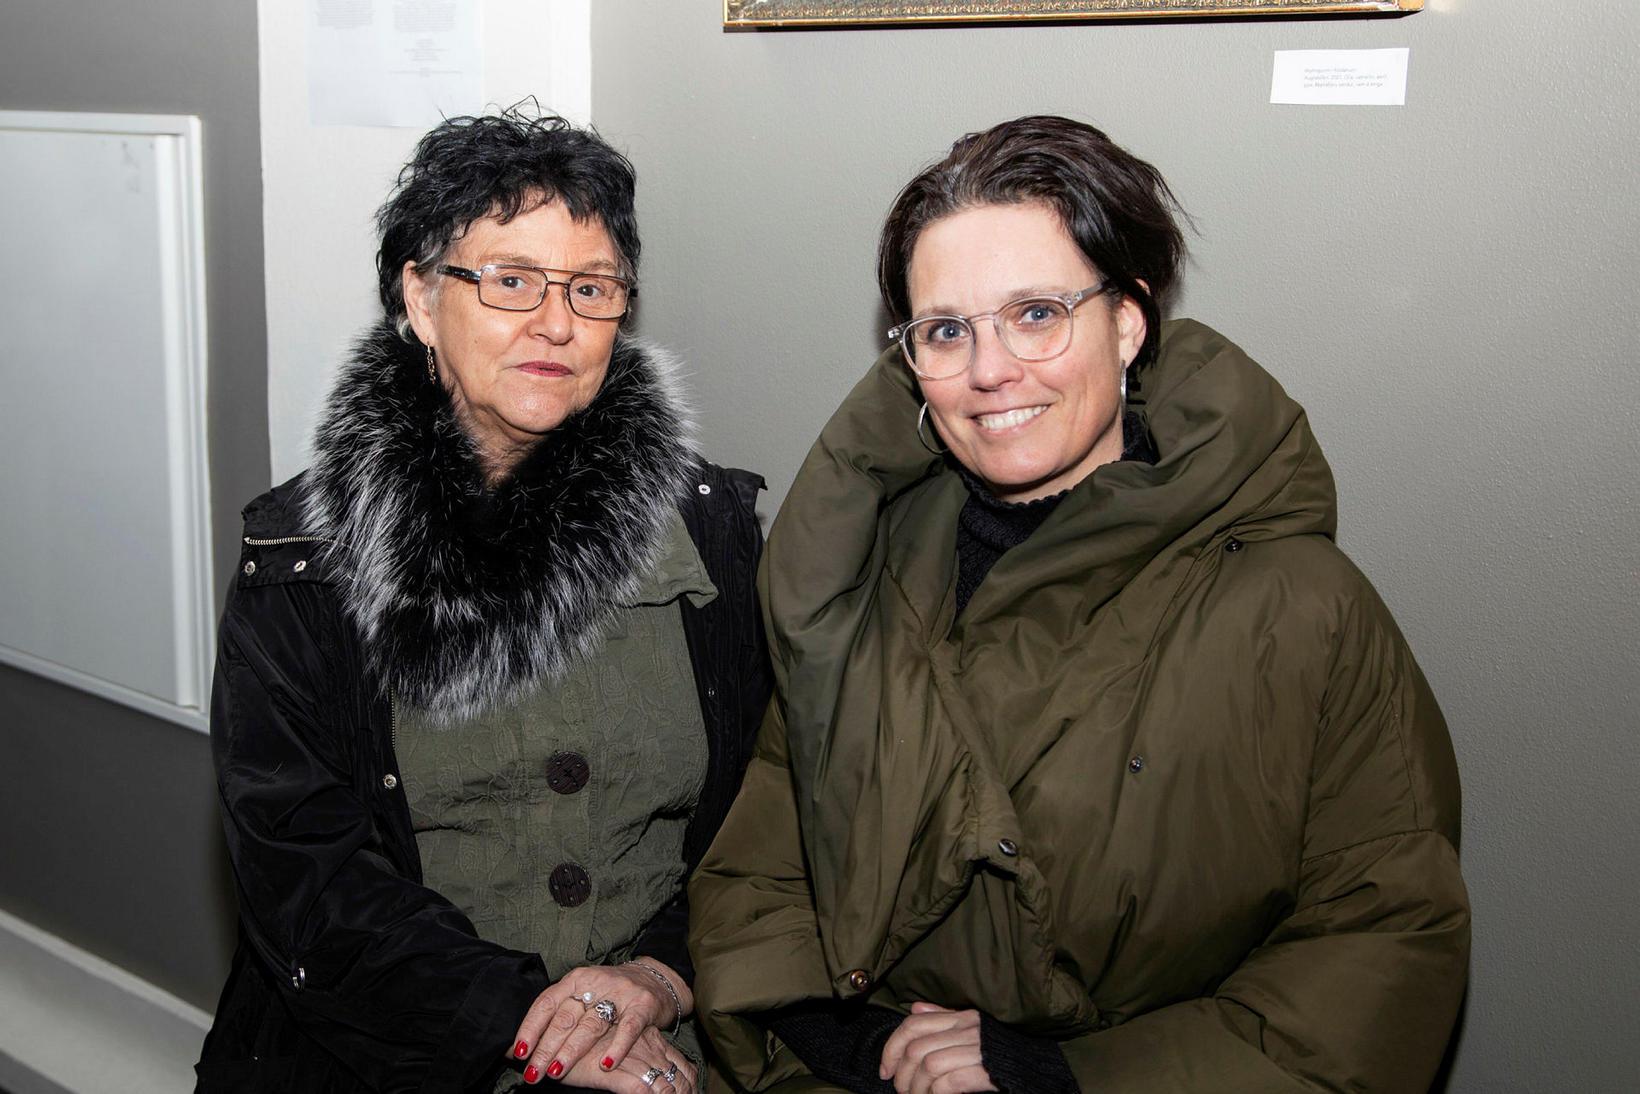 Magnea Reinaldsdóttir og Helena Stefáns Magneudóttir.